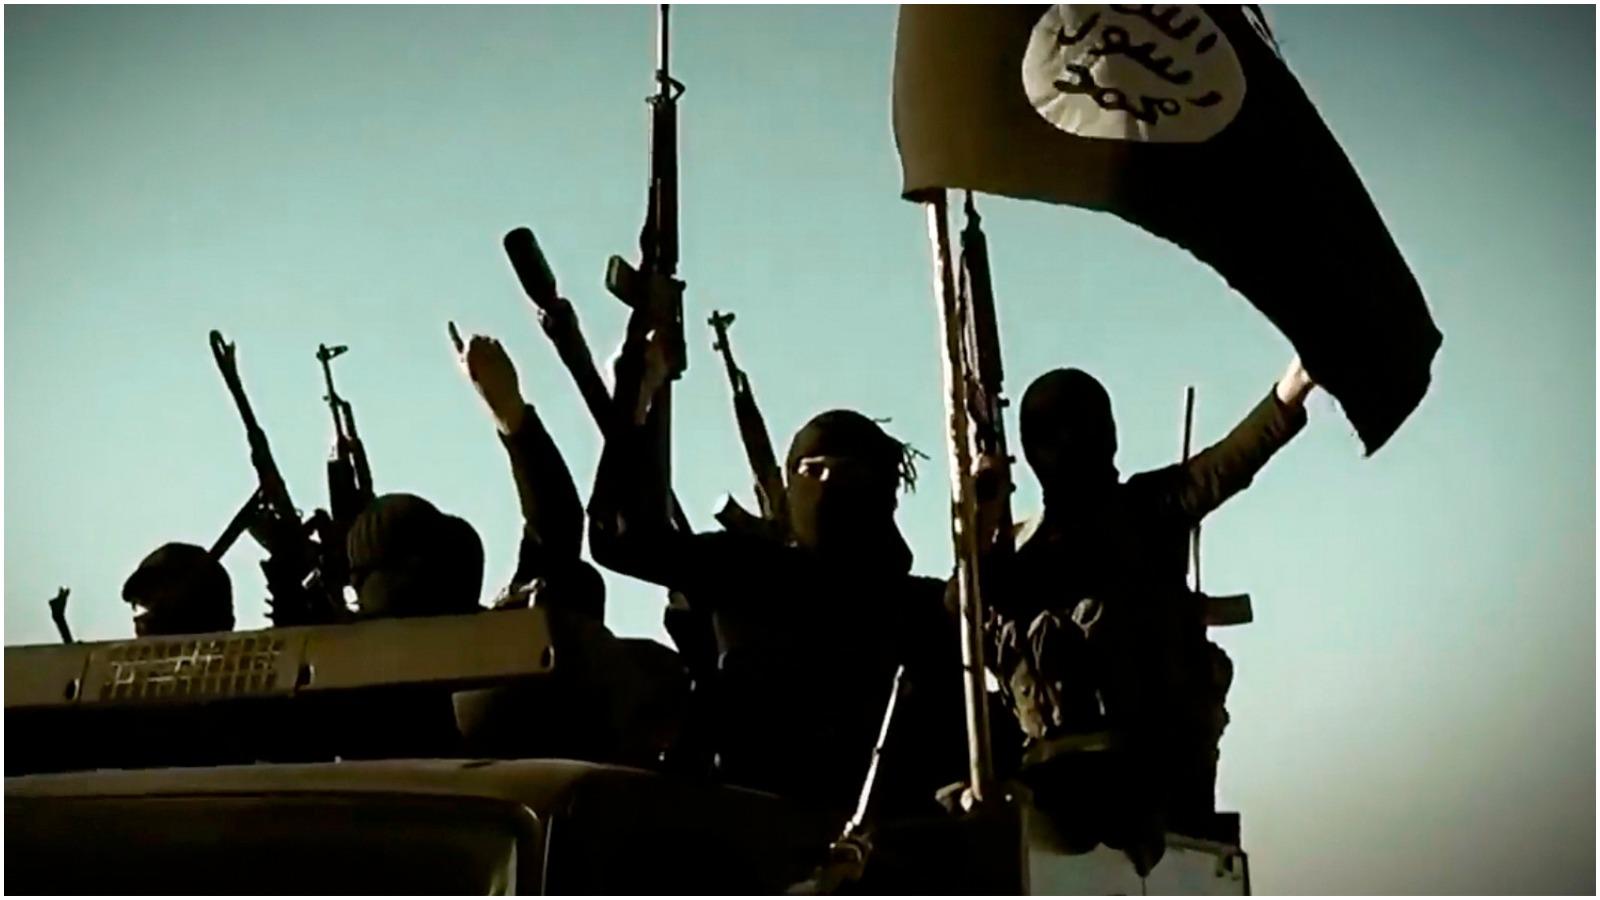 Nicolai B. Bechfeldt: Det kræver en multilateral militær indsats at sætte en stopper for Islamisk Stats fremmarch i det nordlige Afrika. Europa må gå forrest